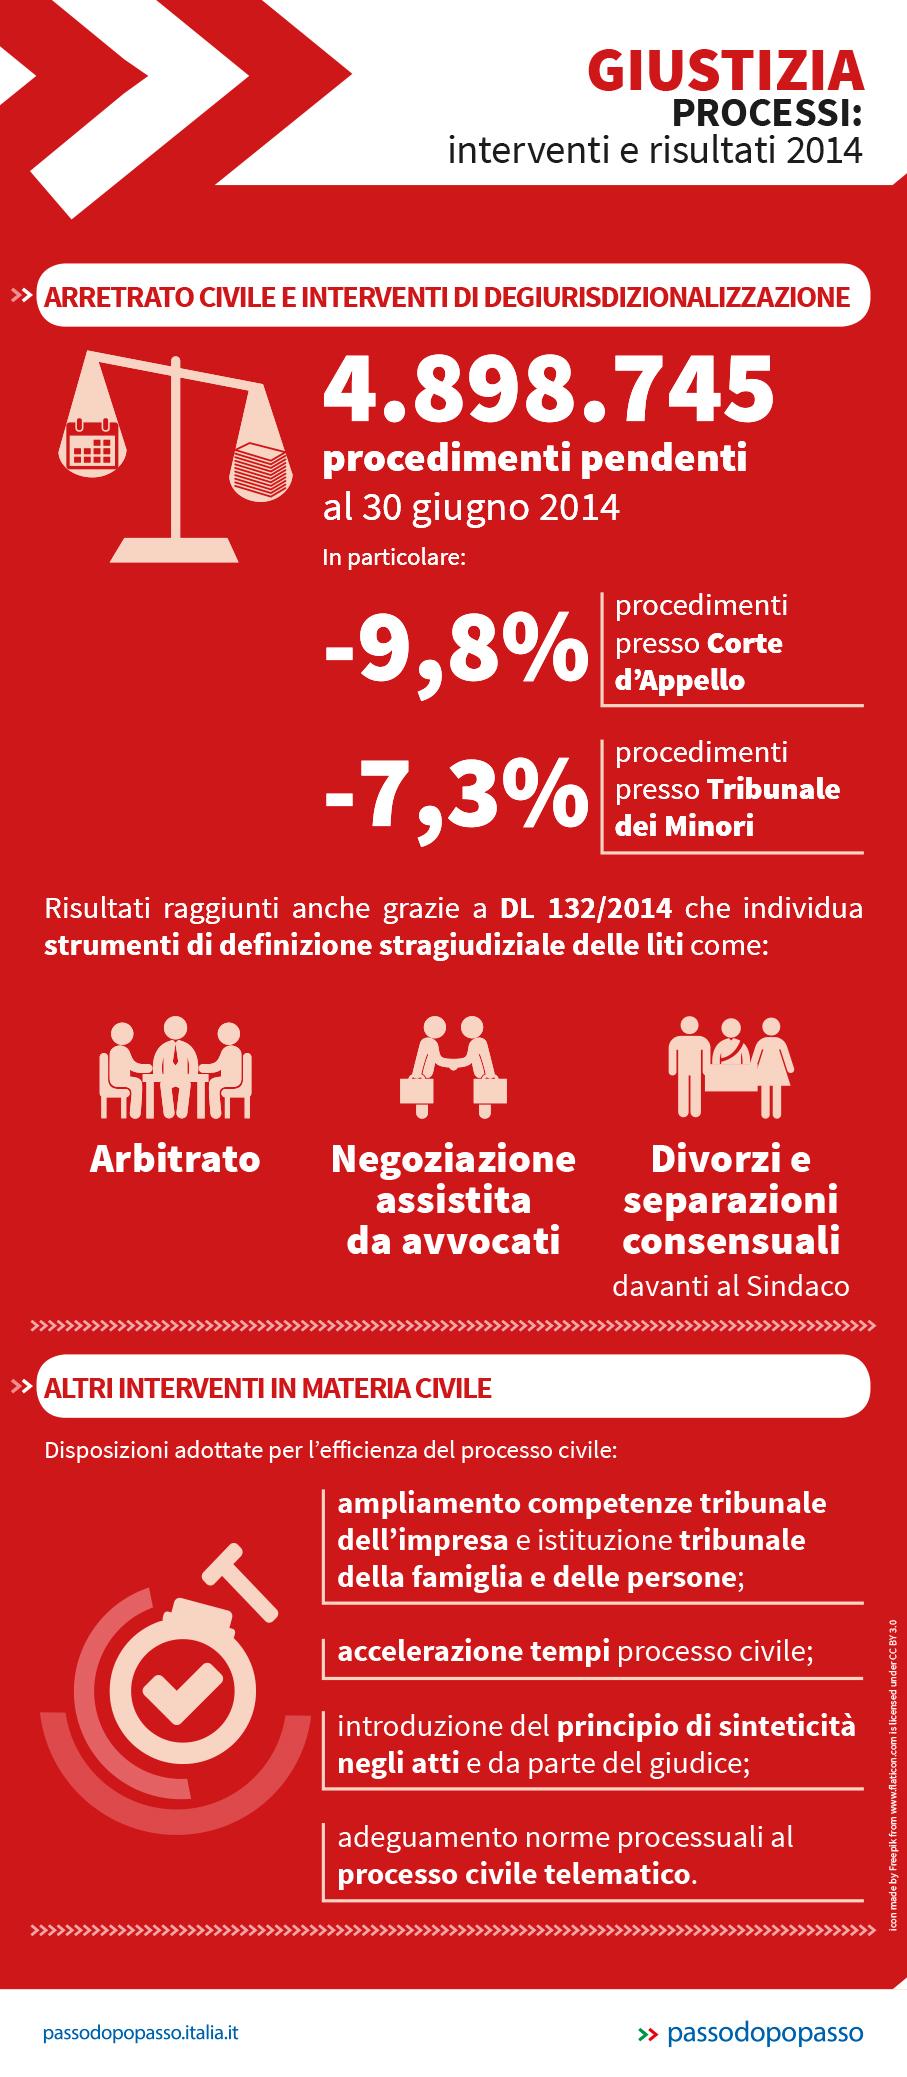 Infografica: La situazione della giustizia in Italia